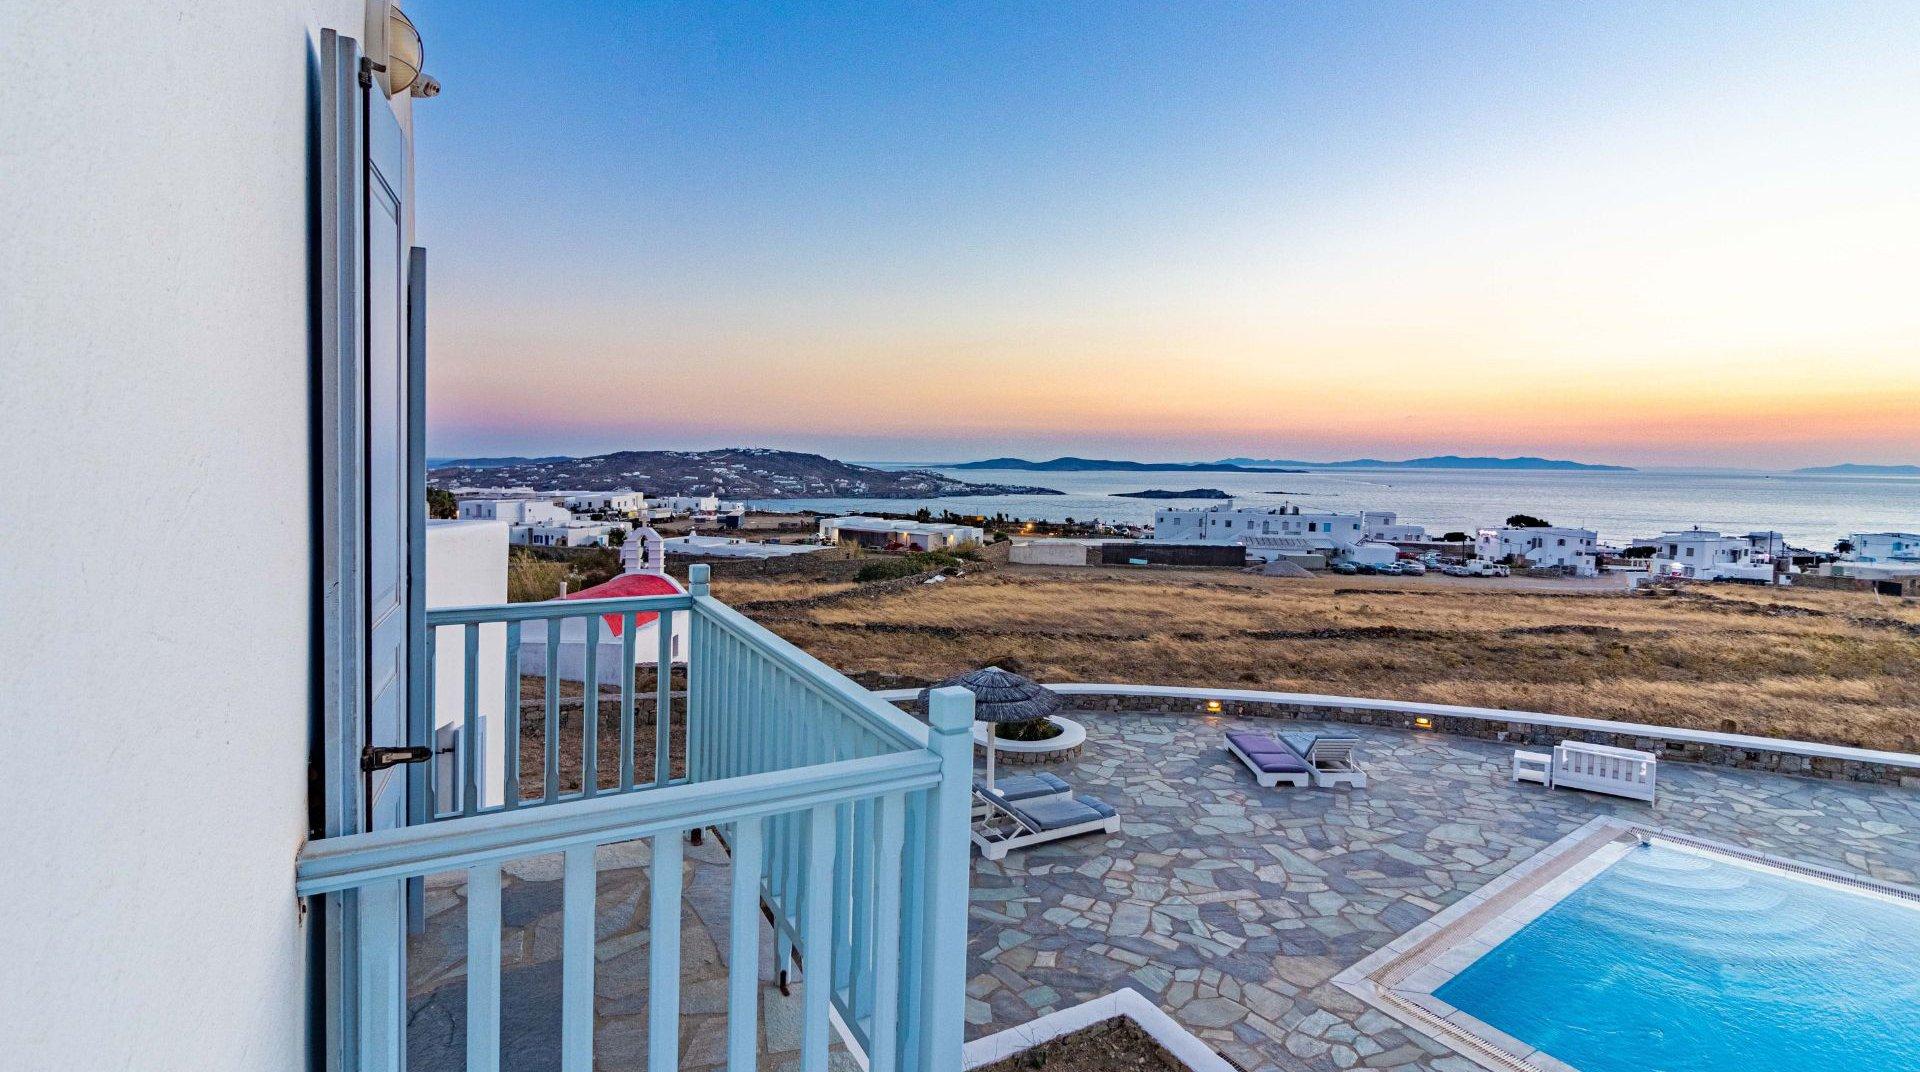 Το Sunset Wing από το μπαλκόνι ενός από τα δωμάτια, με την υπέροχη θέα στο νησί της Μυκόνου.